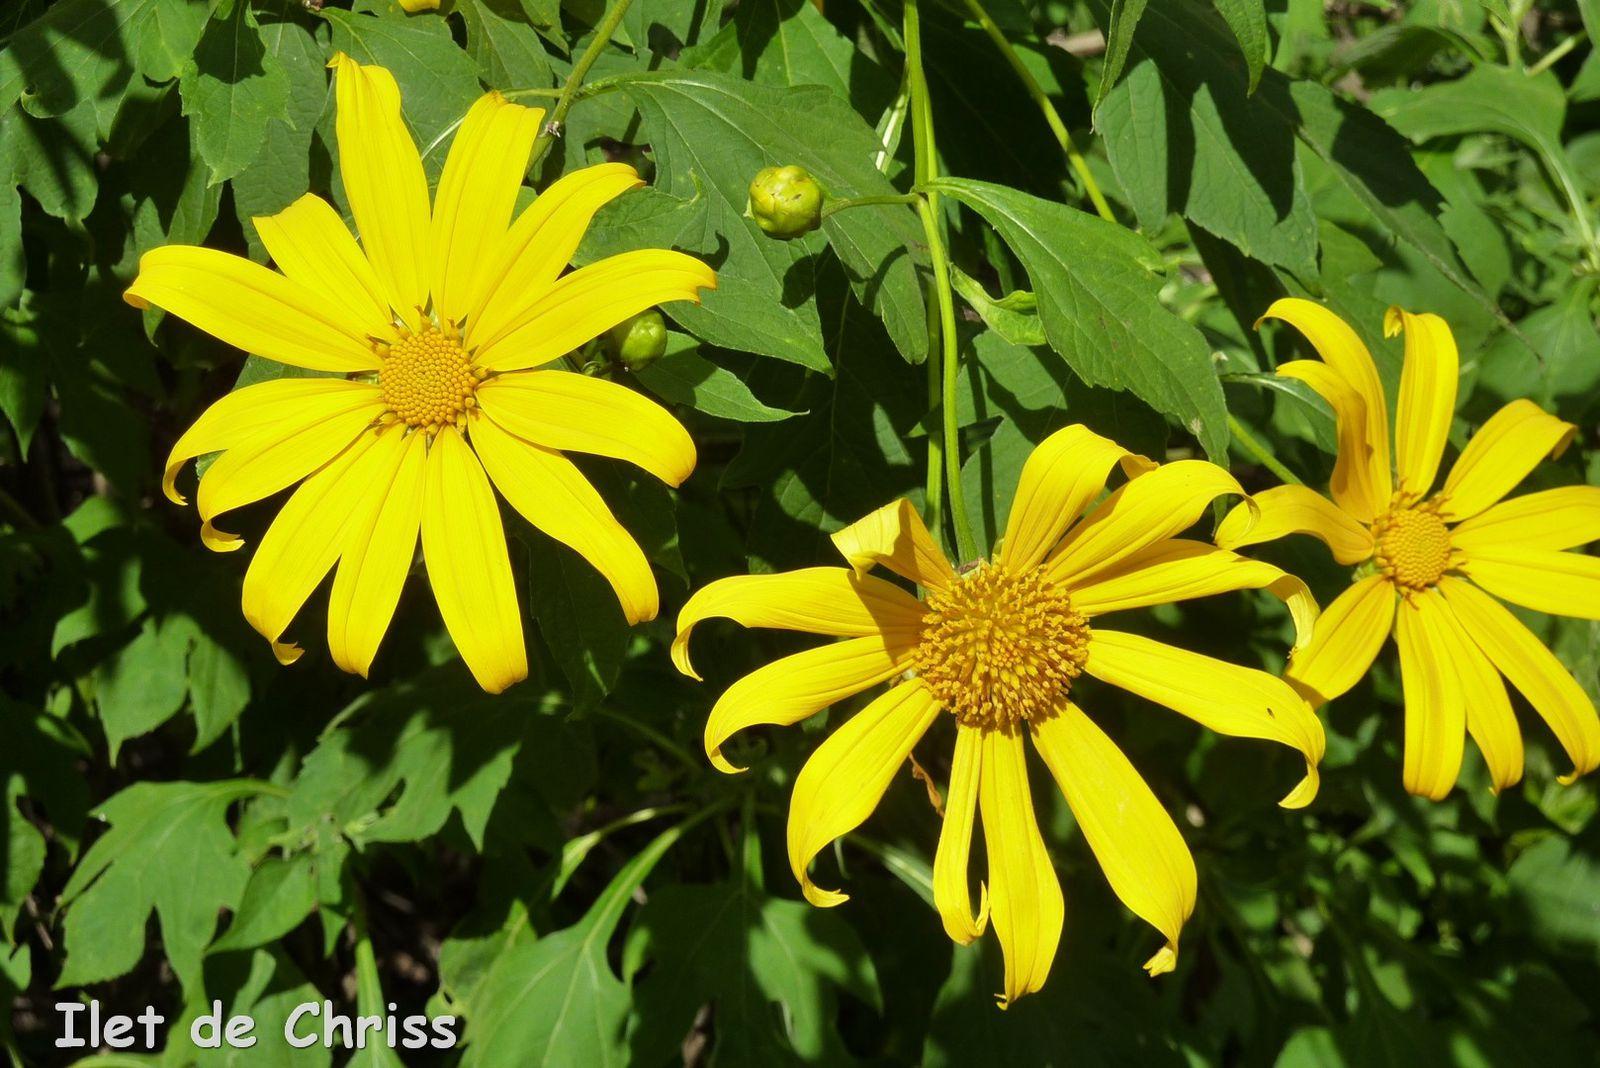 Fleurs Jaunes Ilet De Chriss